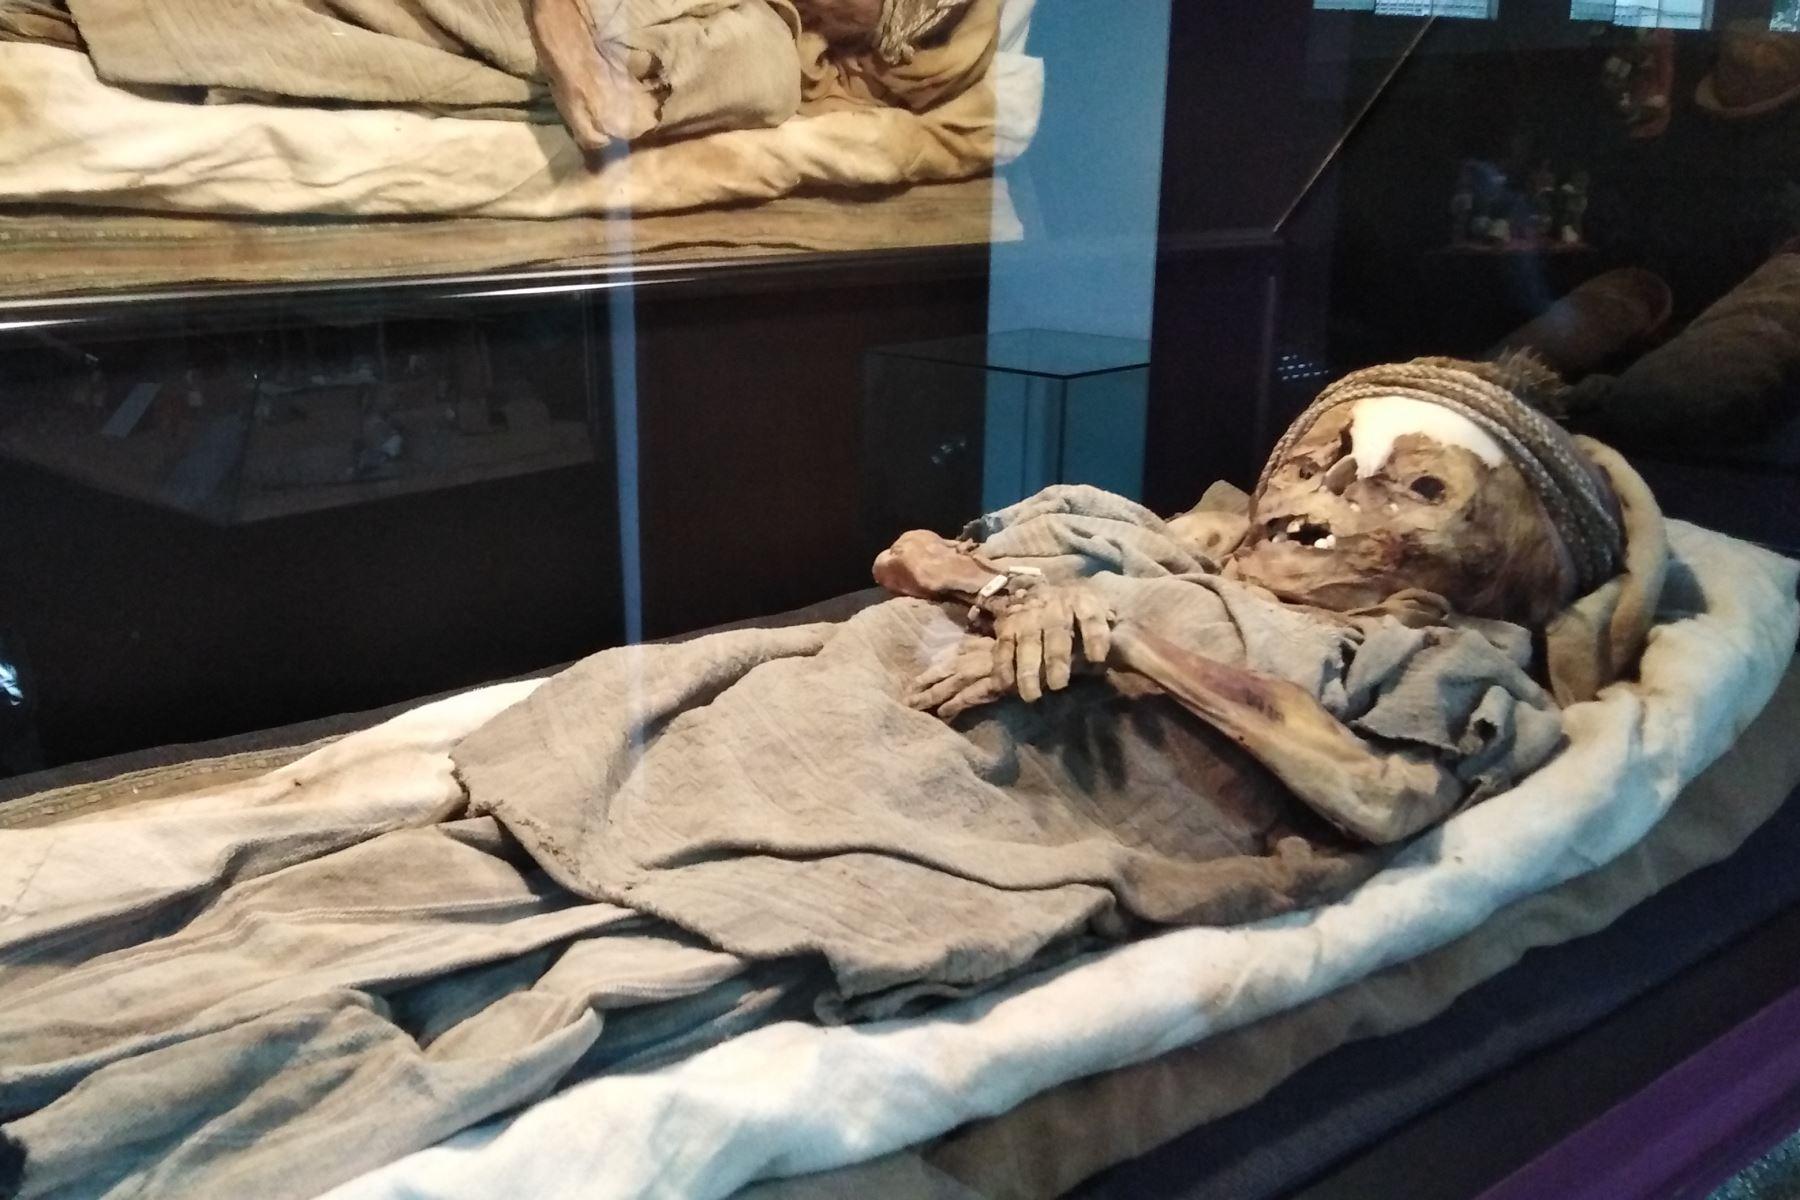 La momia de un niño, que correspondería a la época Chimú y aparentemente tiene un tatuaje, fue donada al Museo de Historia Natural y Cultural de la Universidad Privada Antenor Orrego (UPAO) de Trujillo.